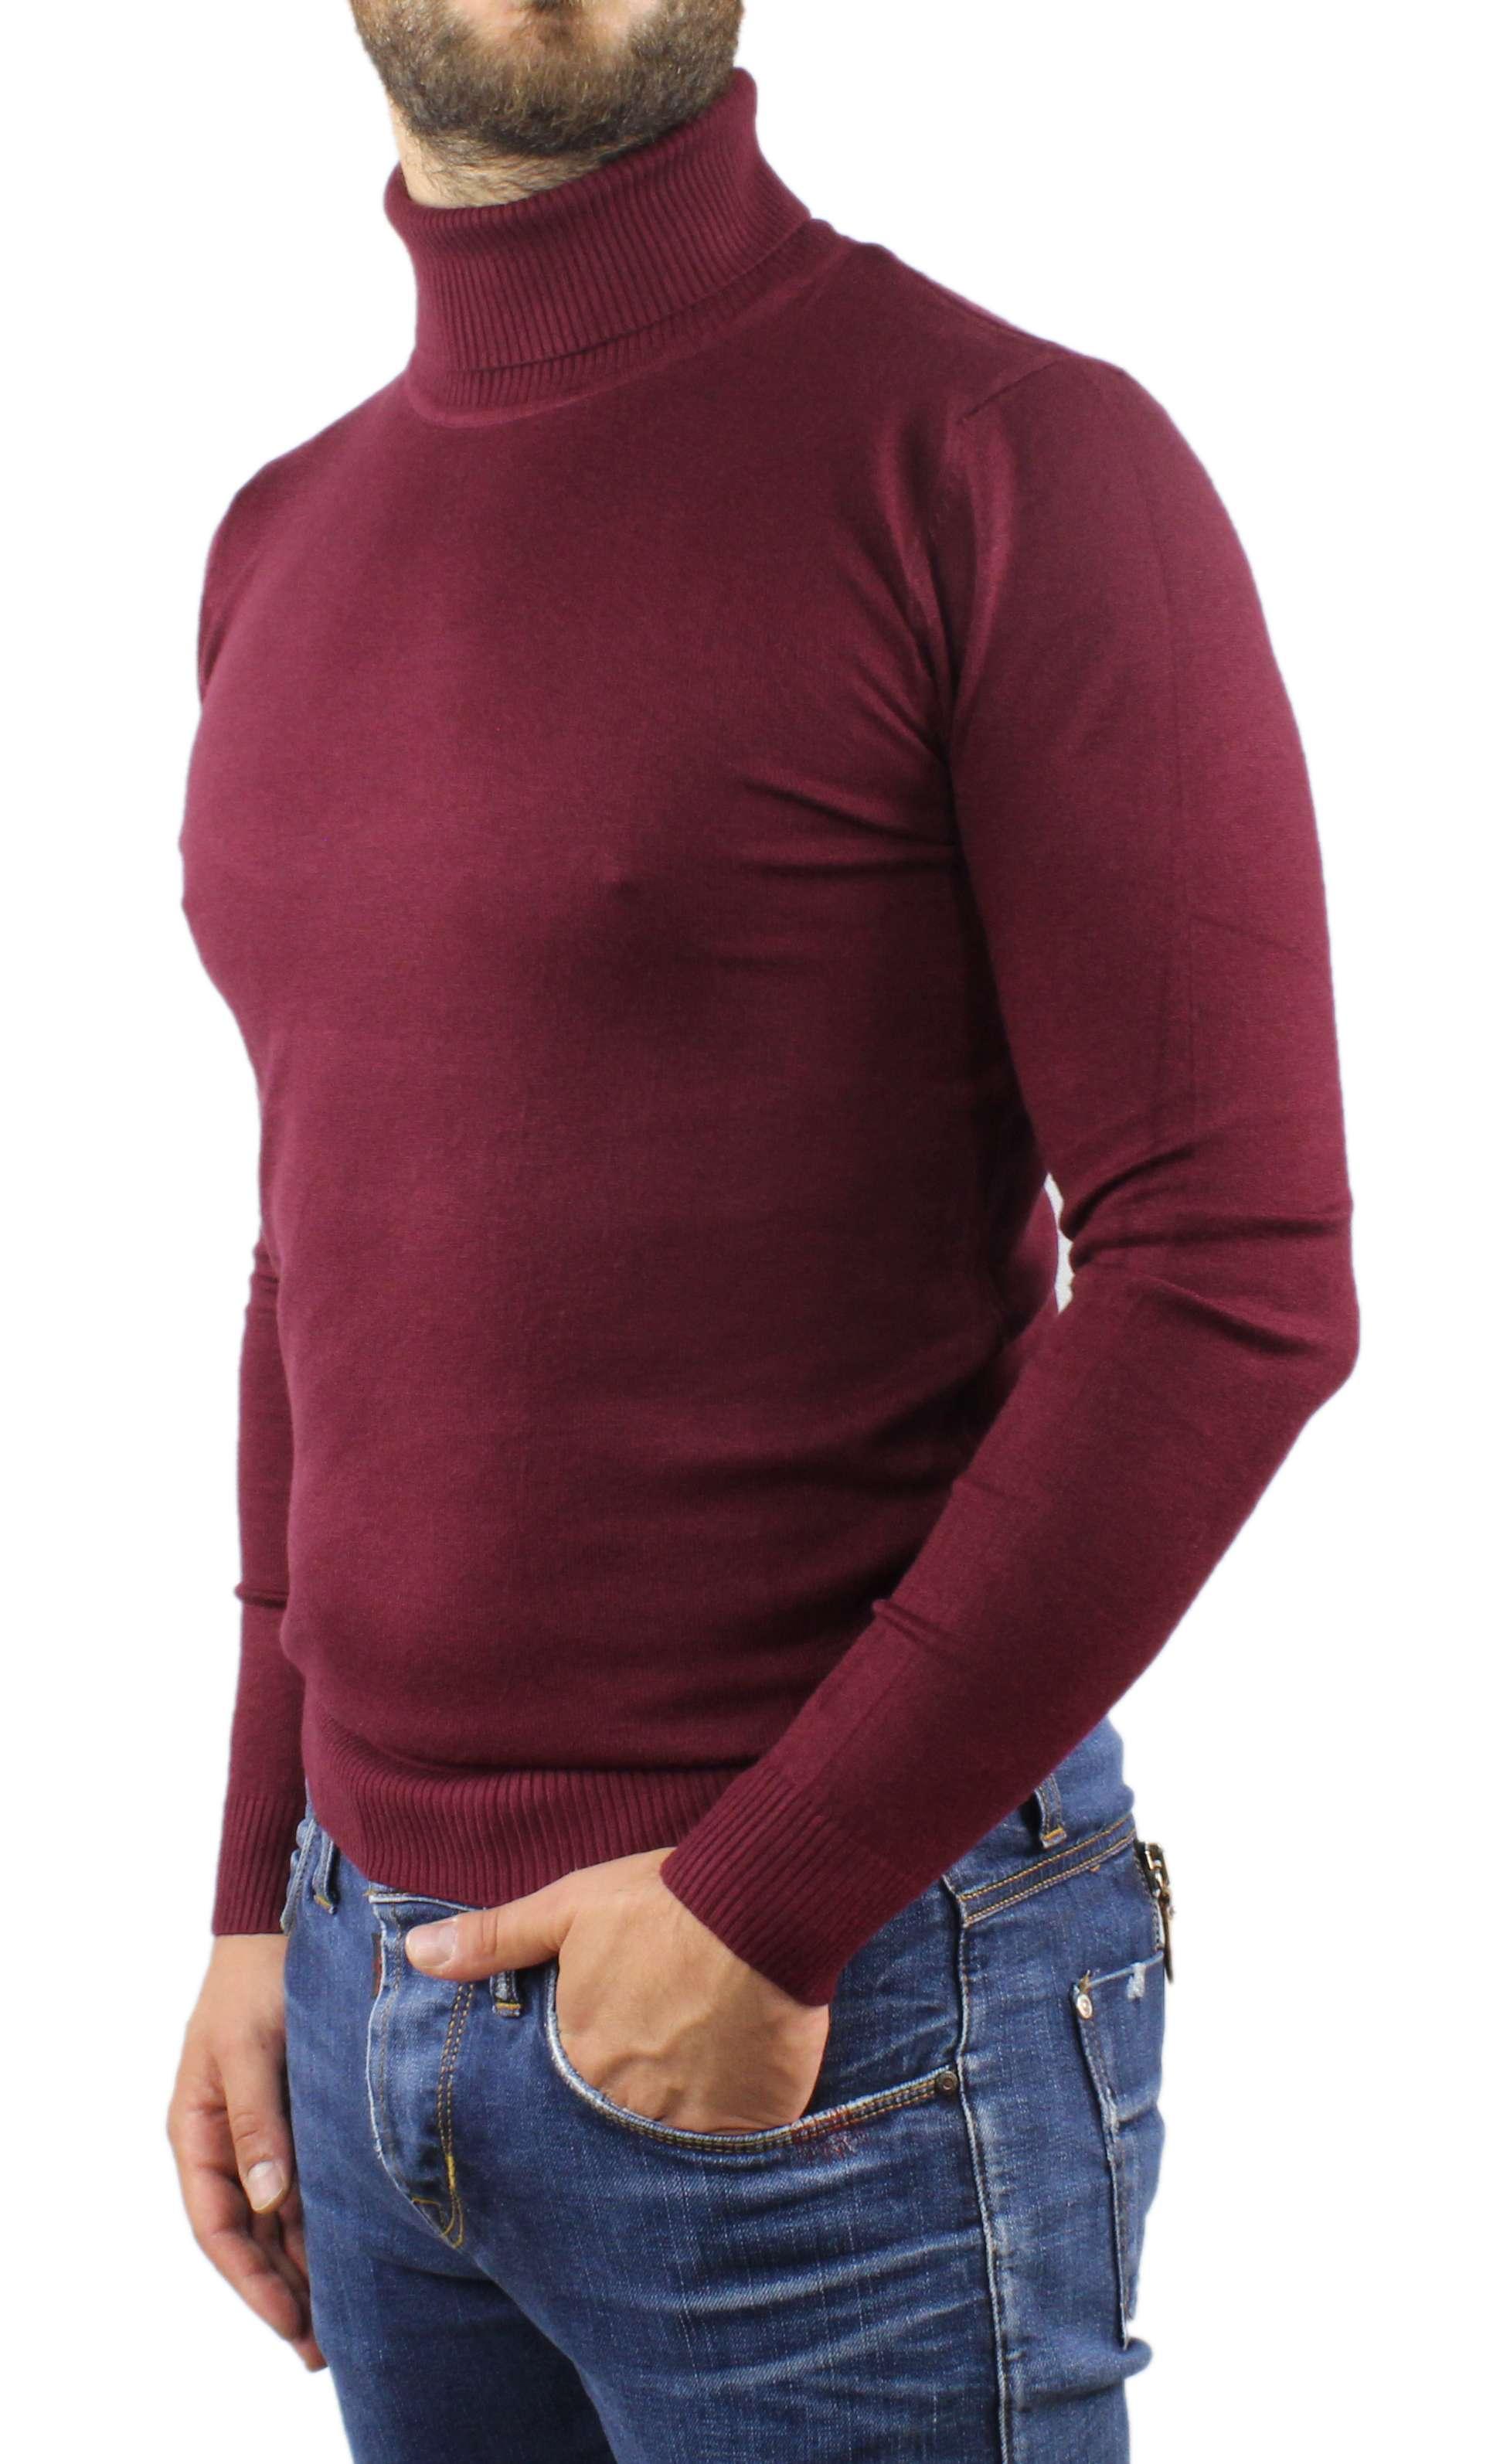 Maglione-Uomo-Collo-Alto-Dolcevita-Maglia-Blu-Nero-Bordo-Lupetto-Maglioncino miniatura 11